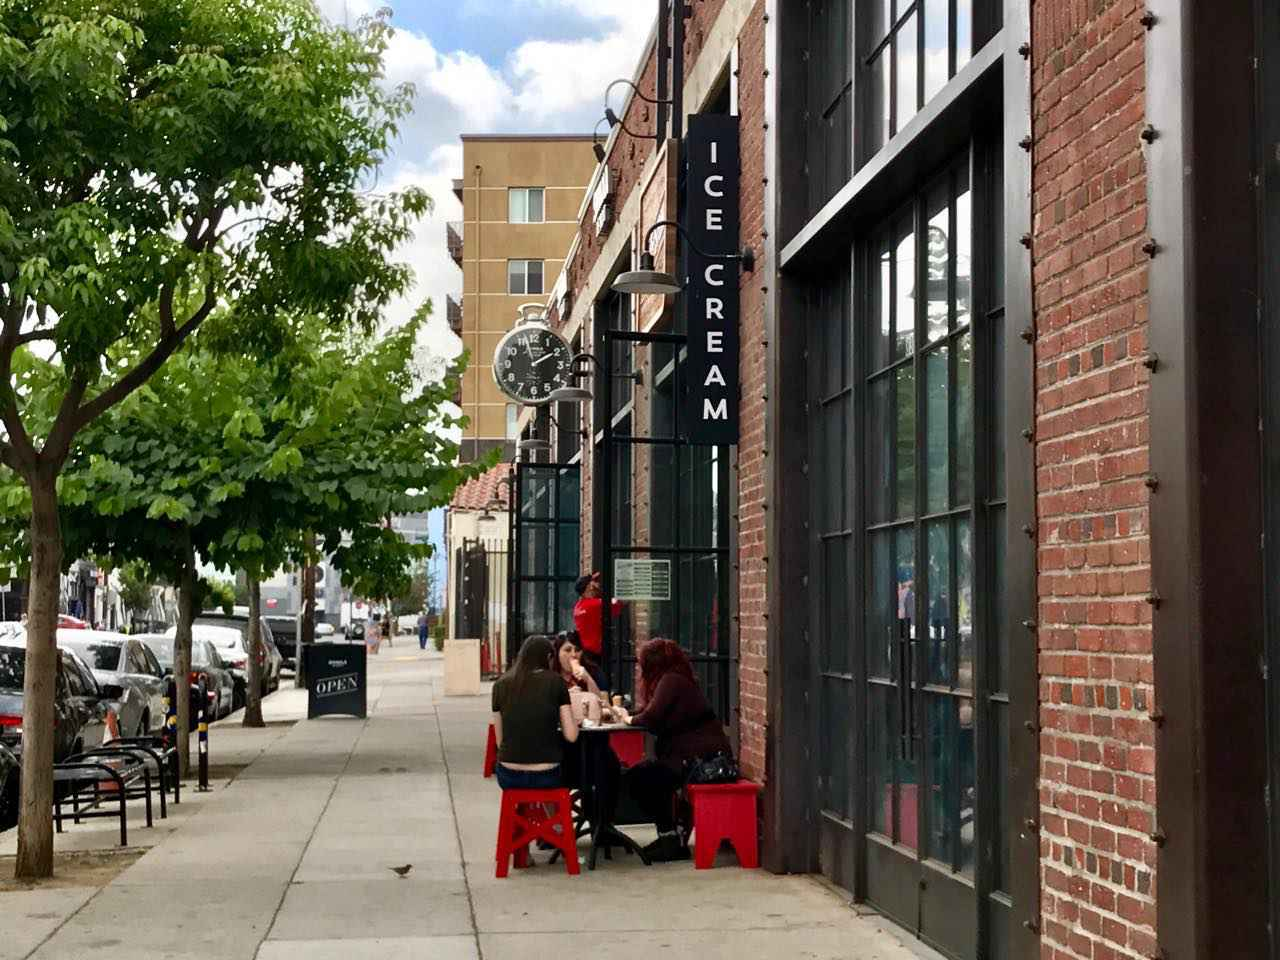 画像: SNS映えする街並みも人気の一角 Arts District(アーツ・ディストリクト)